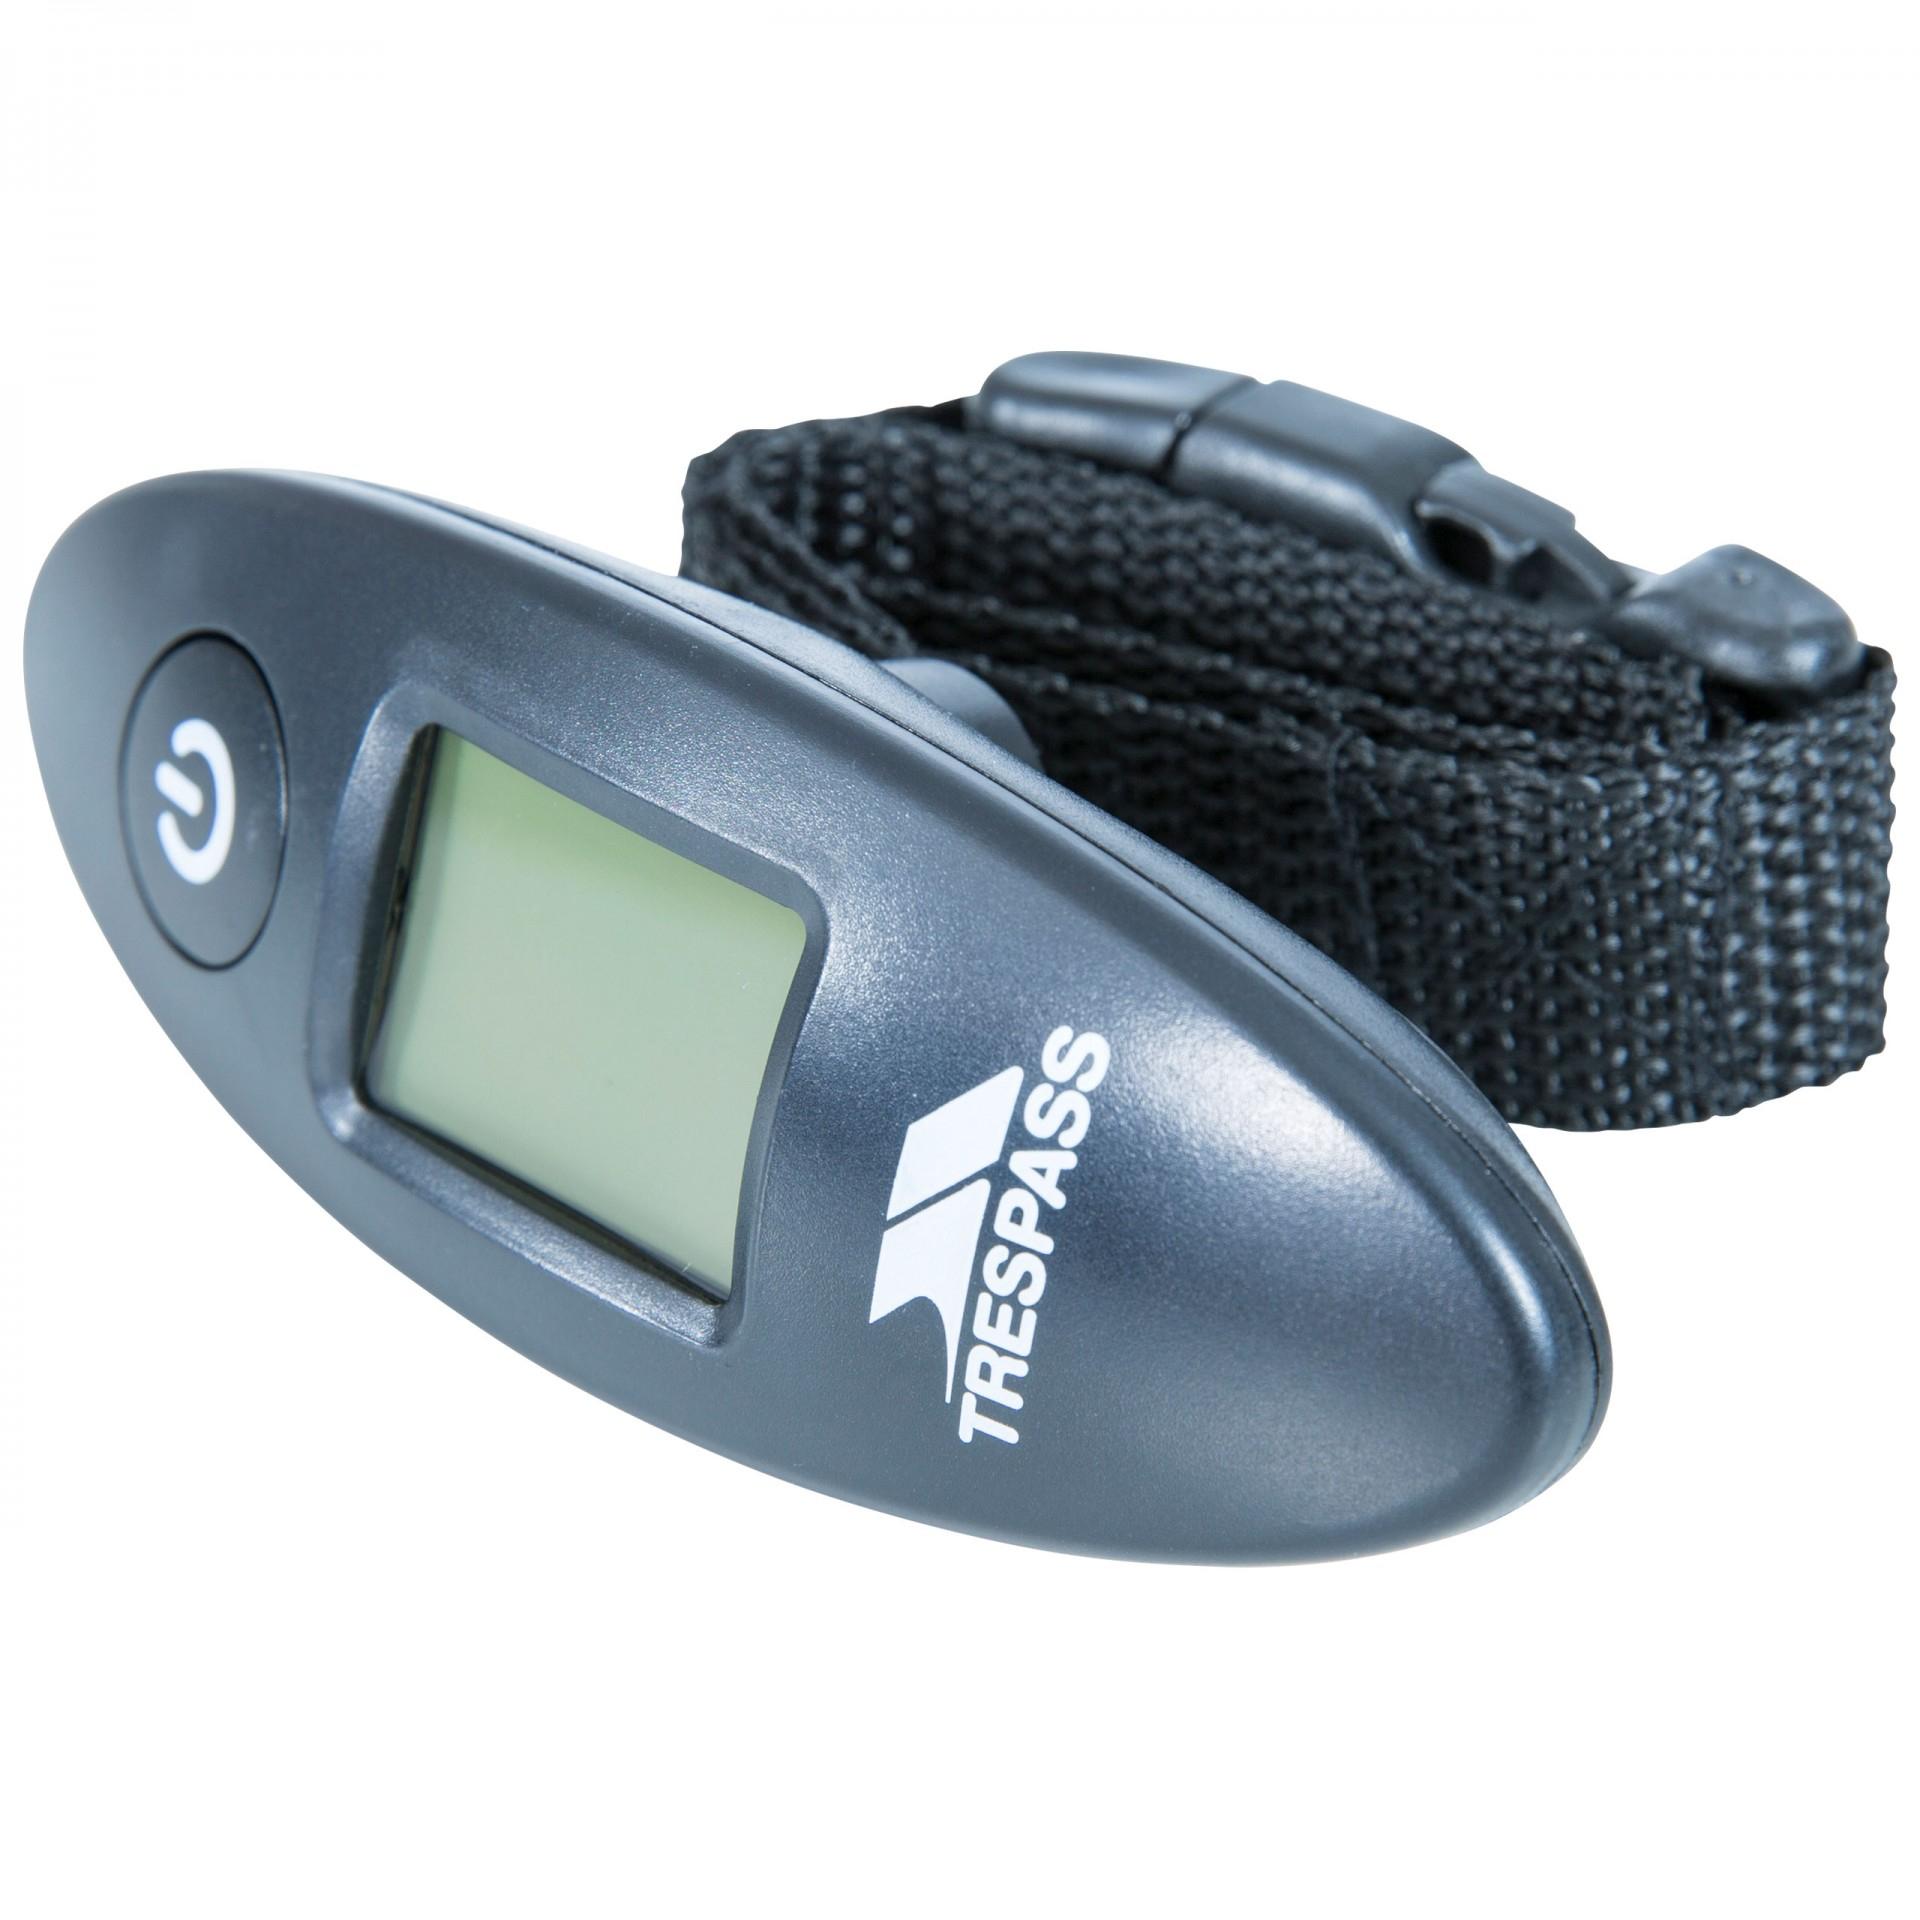 Trespass Digital luggage scale for £6.29 at Trespass.com - free c&c @ Trespass